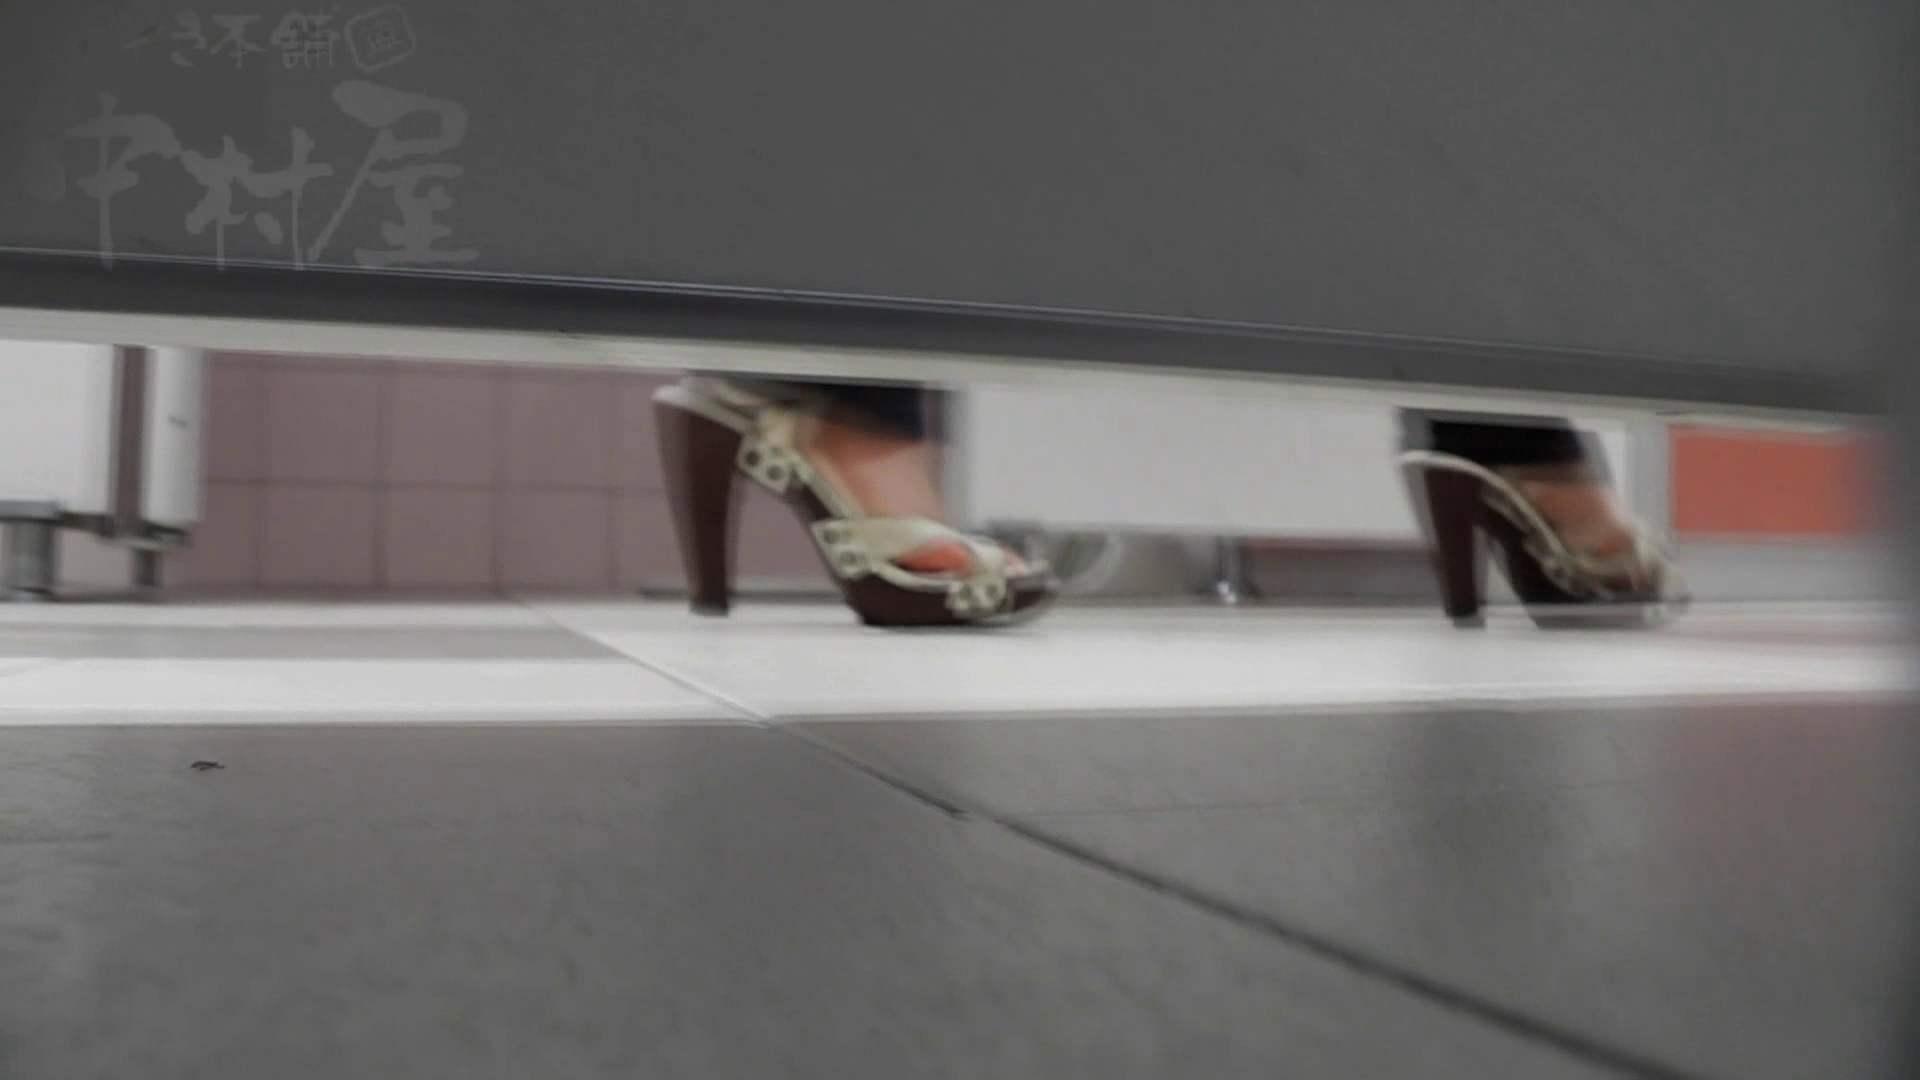 美しい日本の未来 No.06 更に侵入フロント究極な画質 イタズラ動画 オマンコ動画キャプチャ 75PIX 3